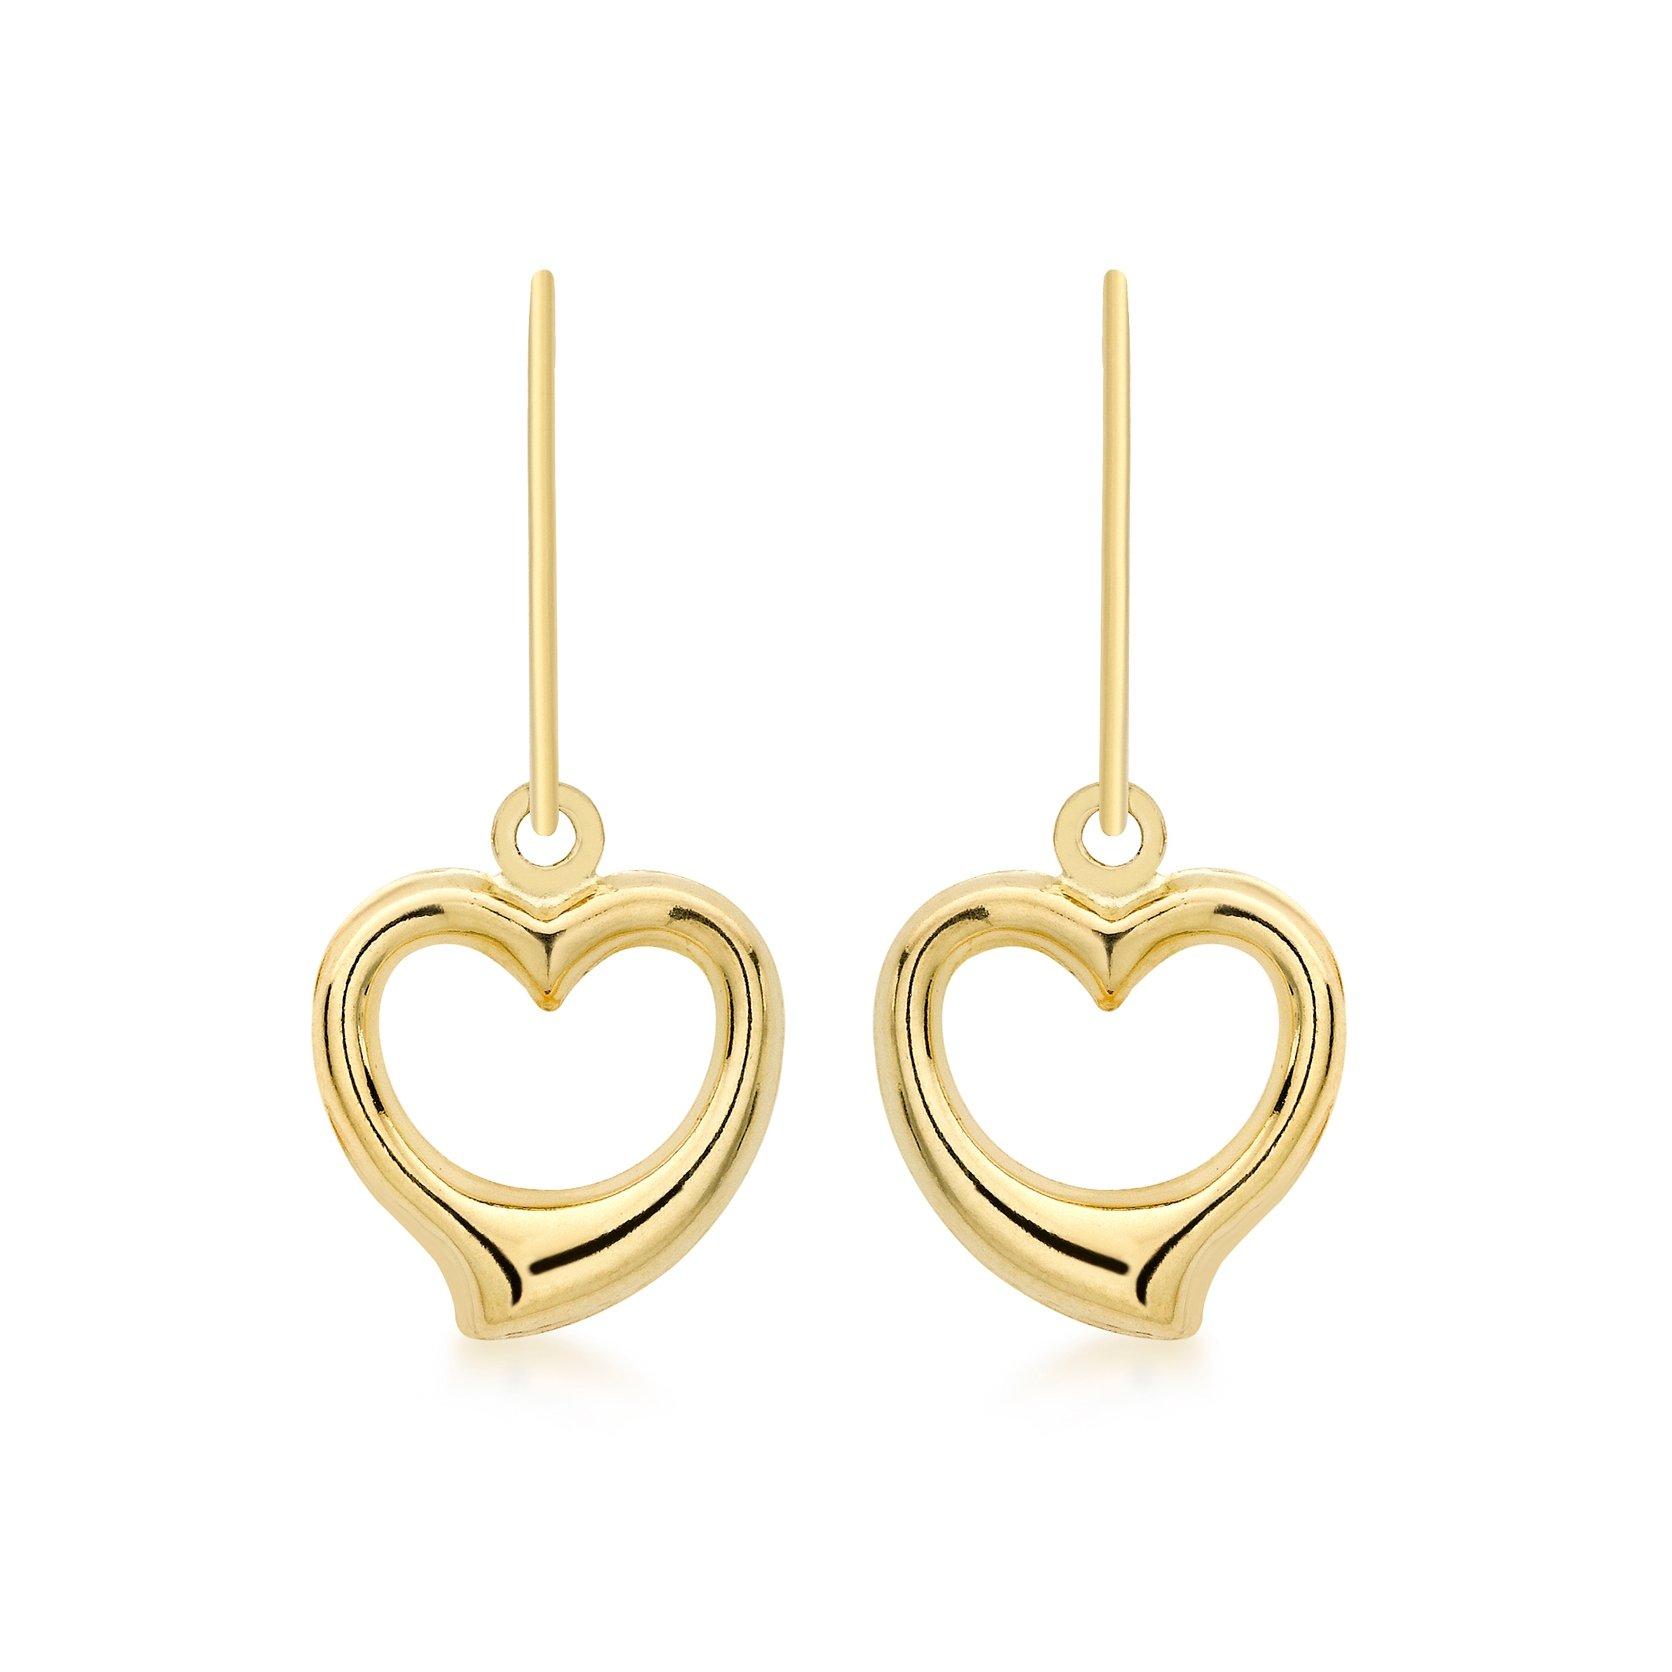 Örhängen 9K Guld - Hängande hjärtan